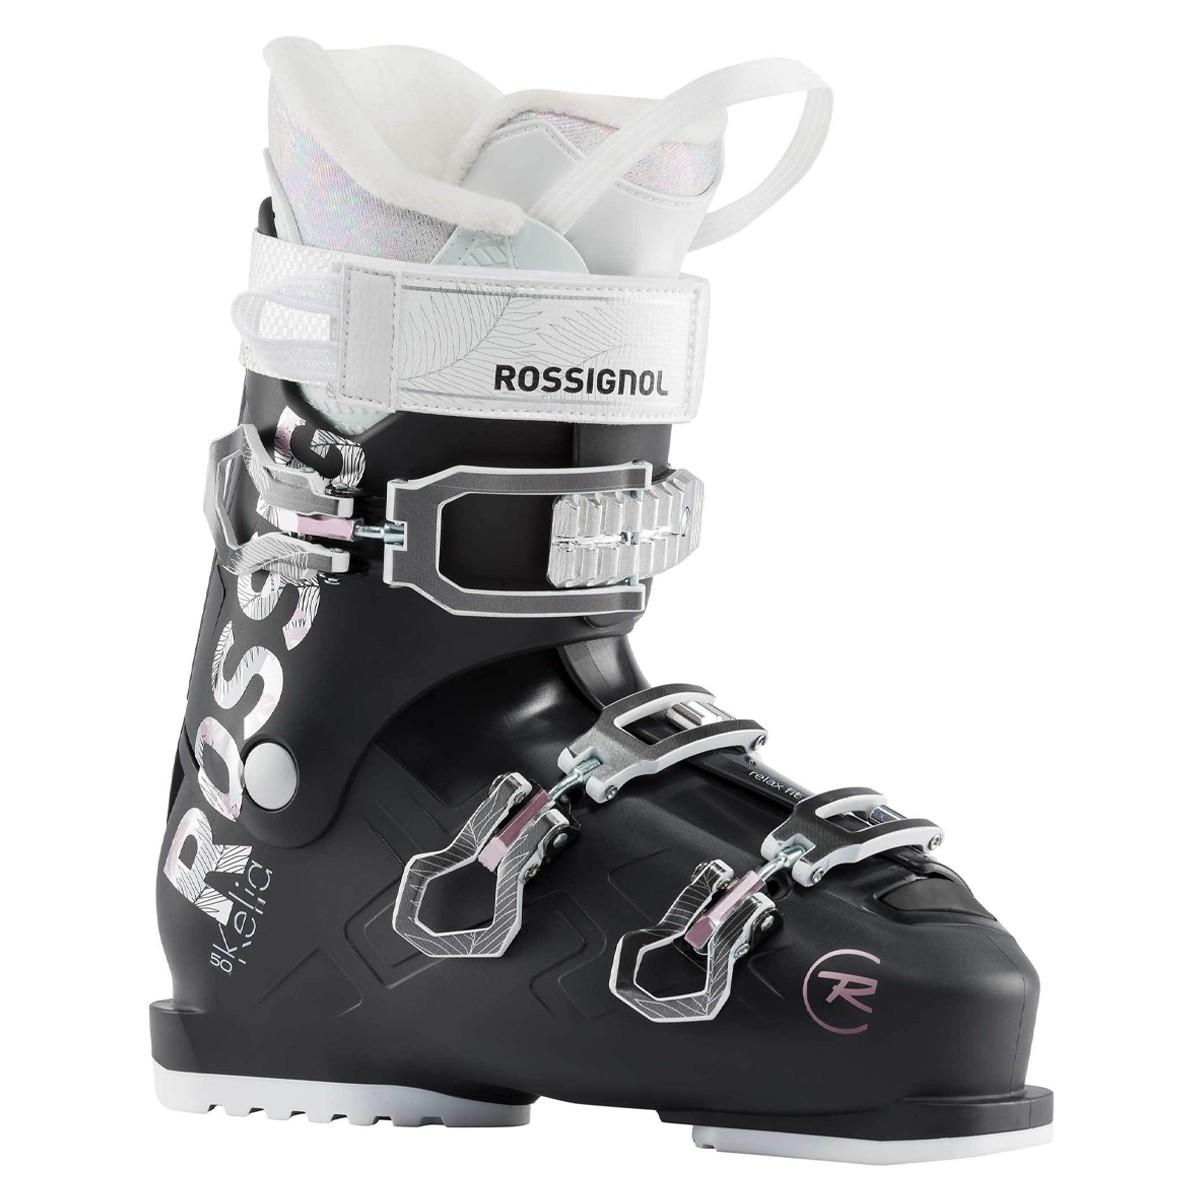 Scarpone Sci Rossignol Kelia50 (Colore: soft black, Taglia: 24.5)